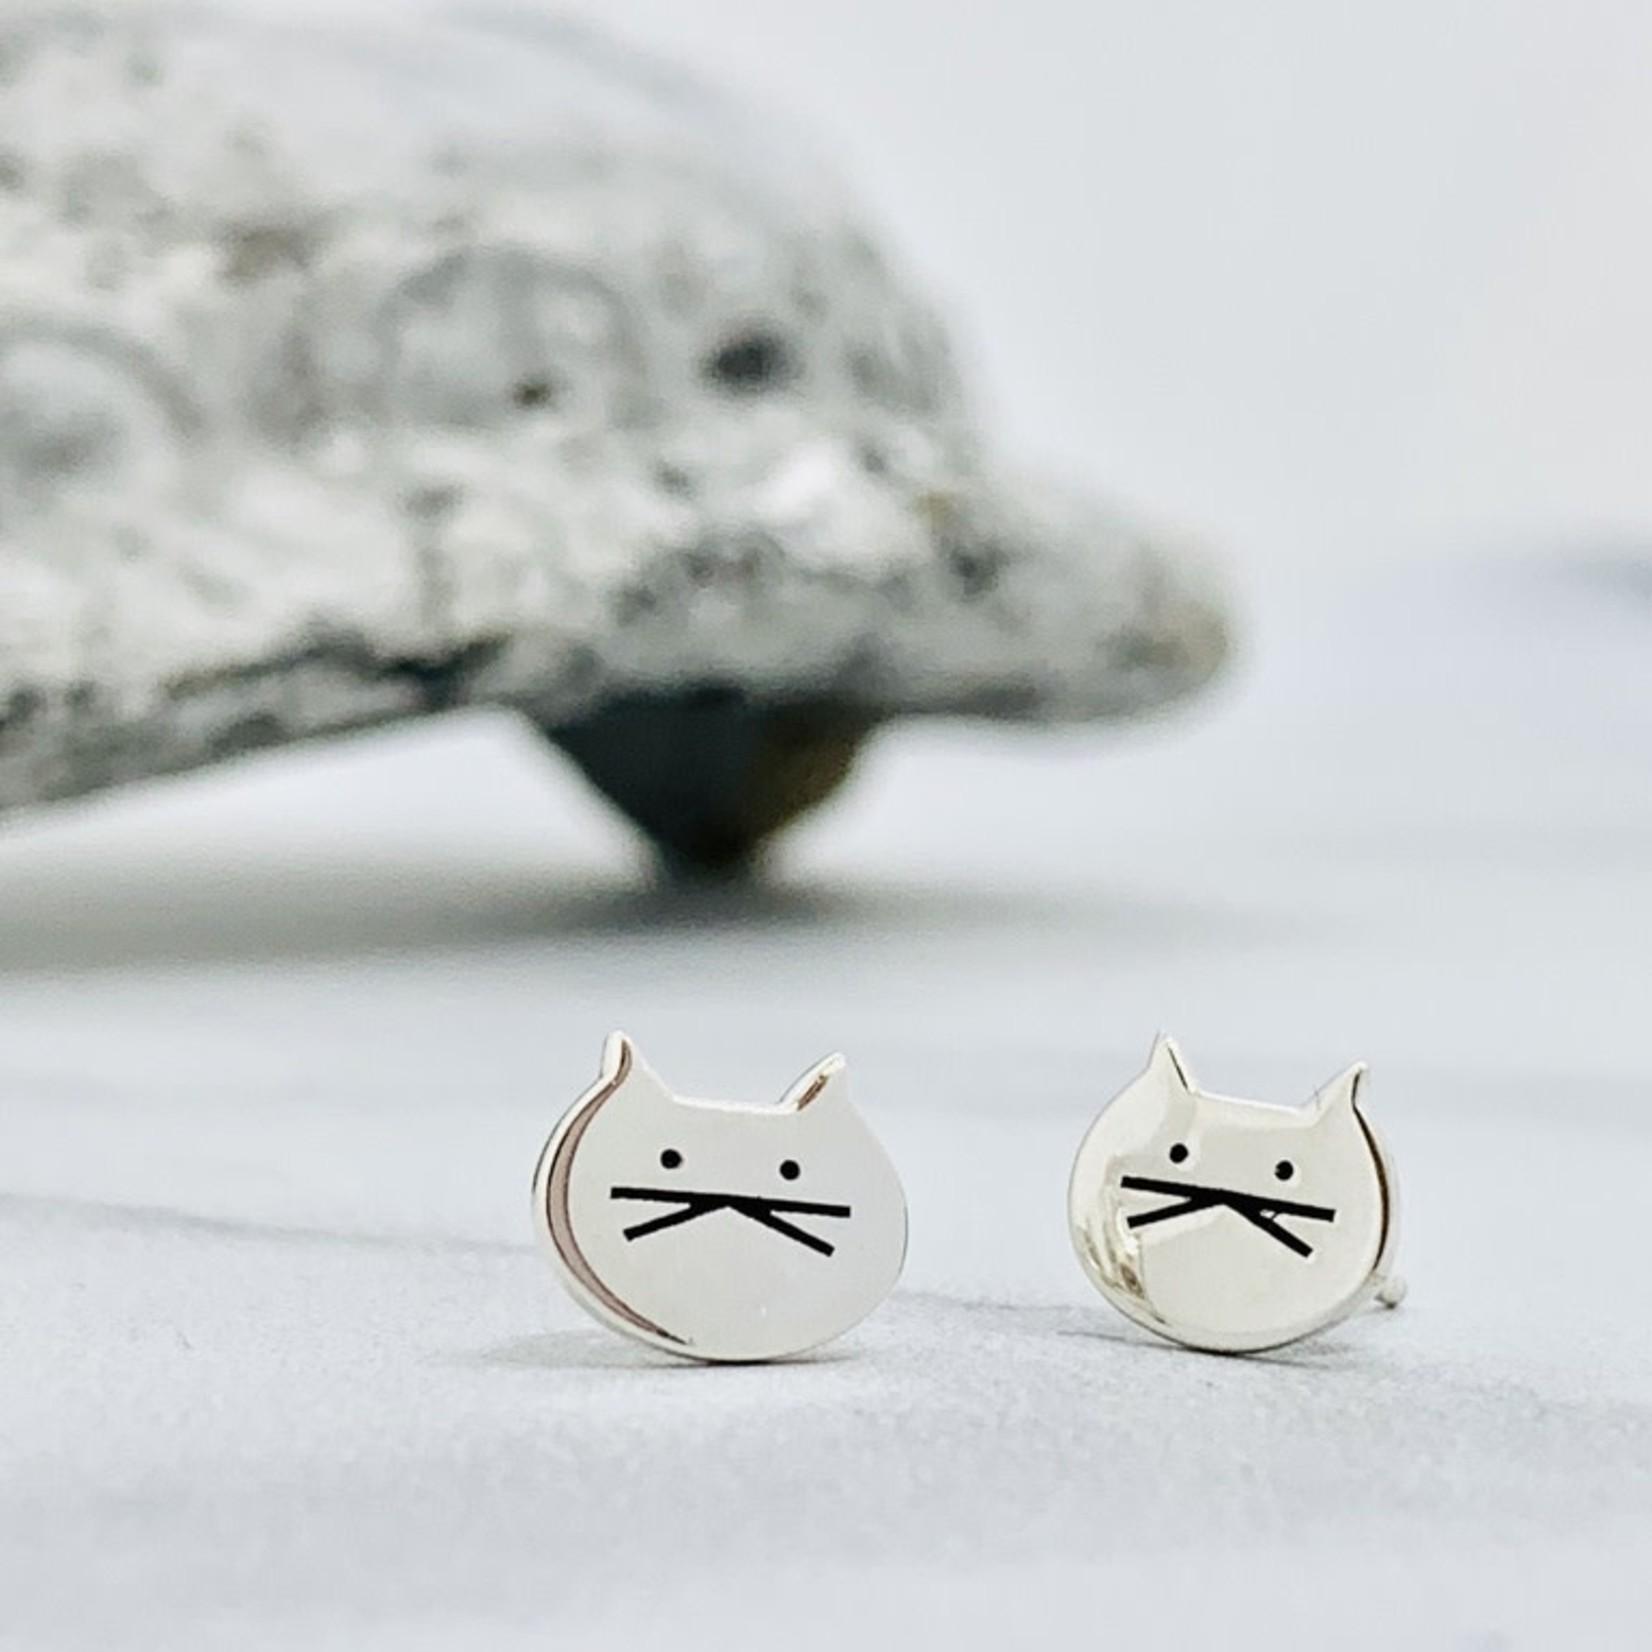 Cute Cat Stud Earrings, Sterling Silver